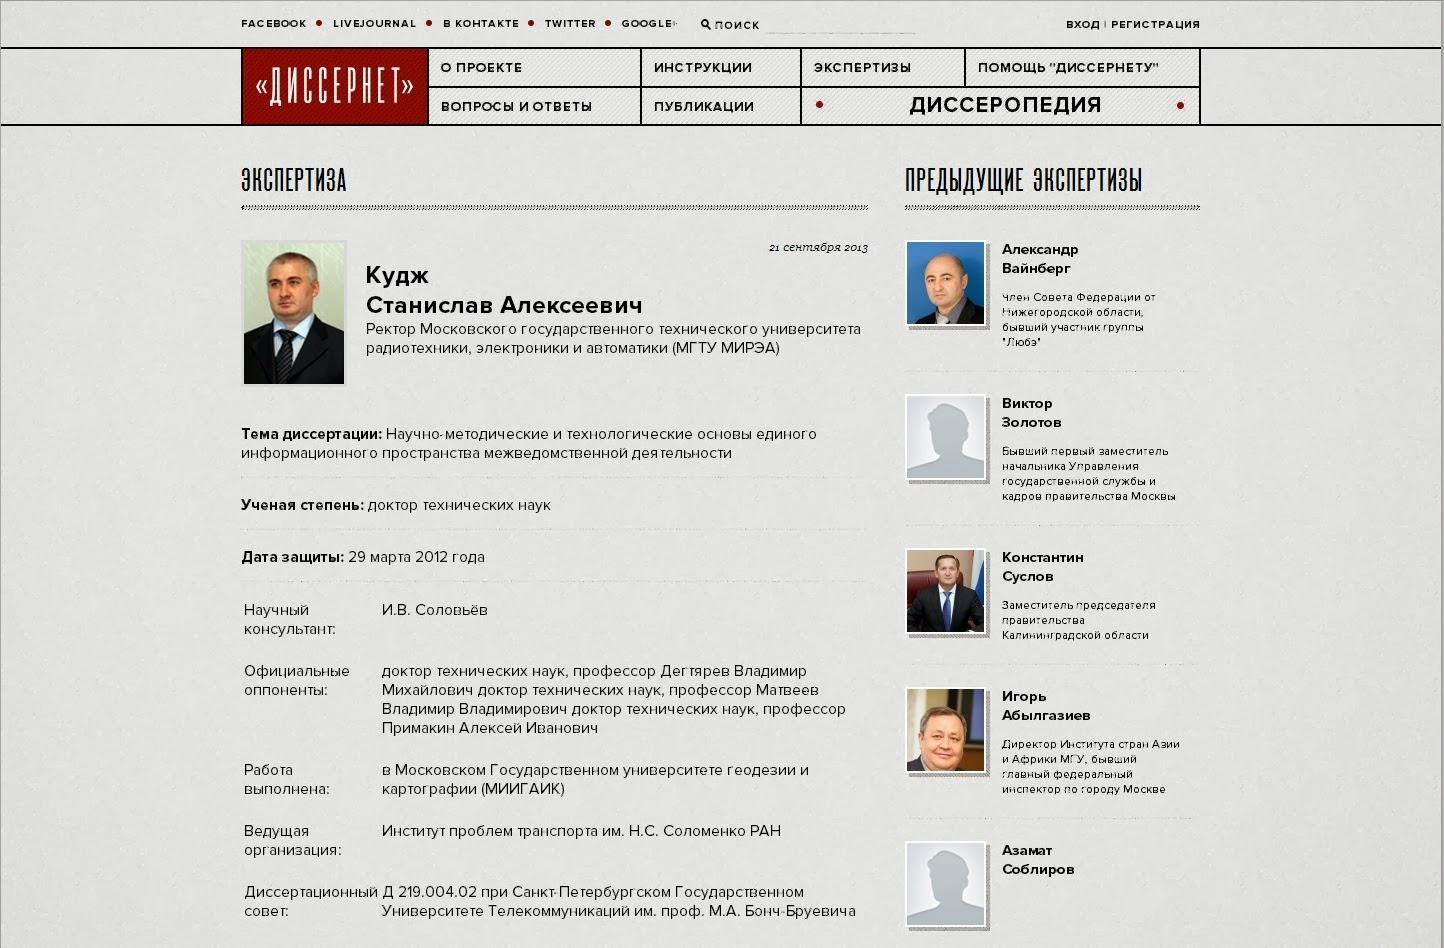 Исчезнувшие миллиарды Дмитрия Ливанова the moscow post Анализ диссертации Куджа взят с сайта сообщества Диссертнет